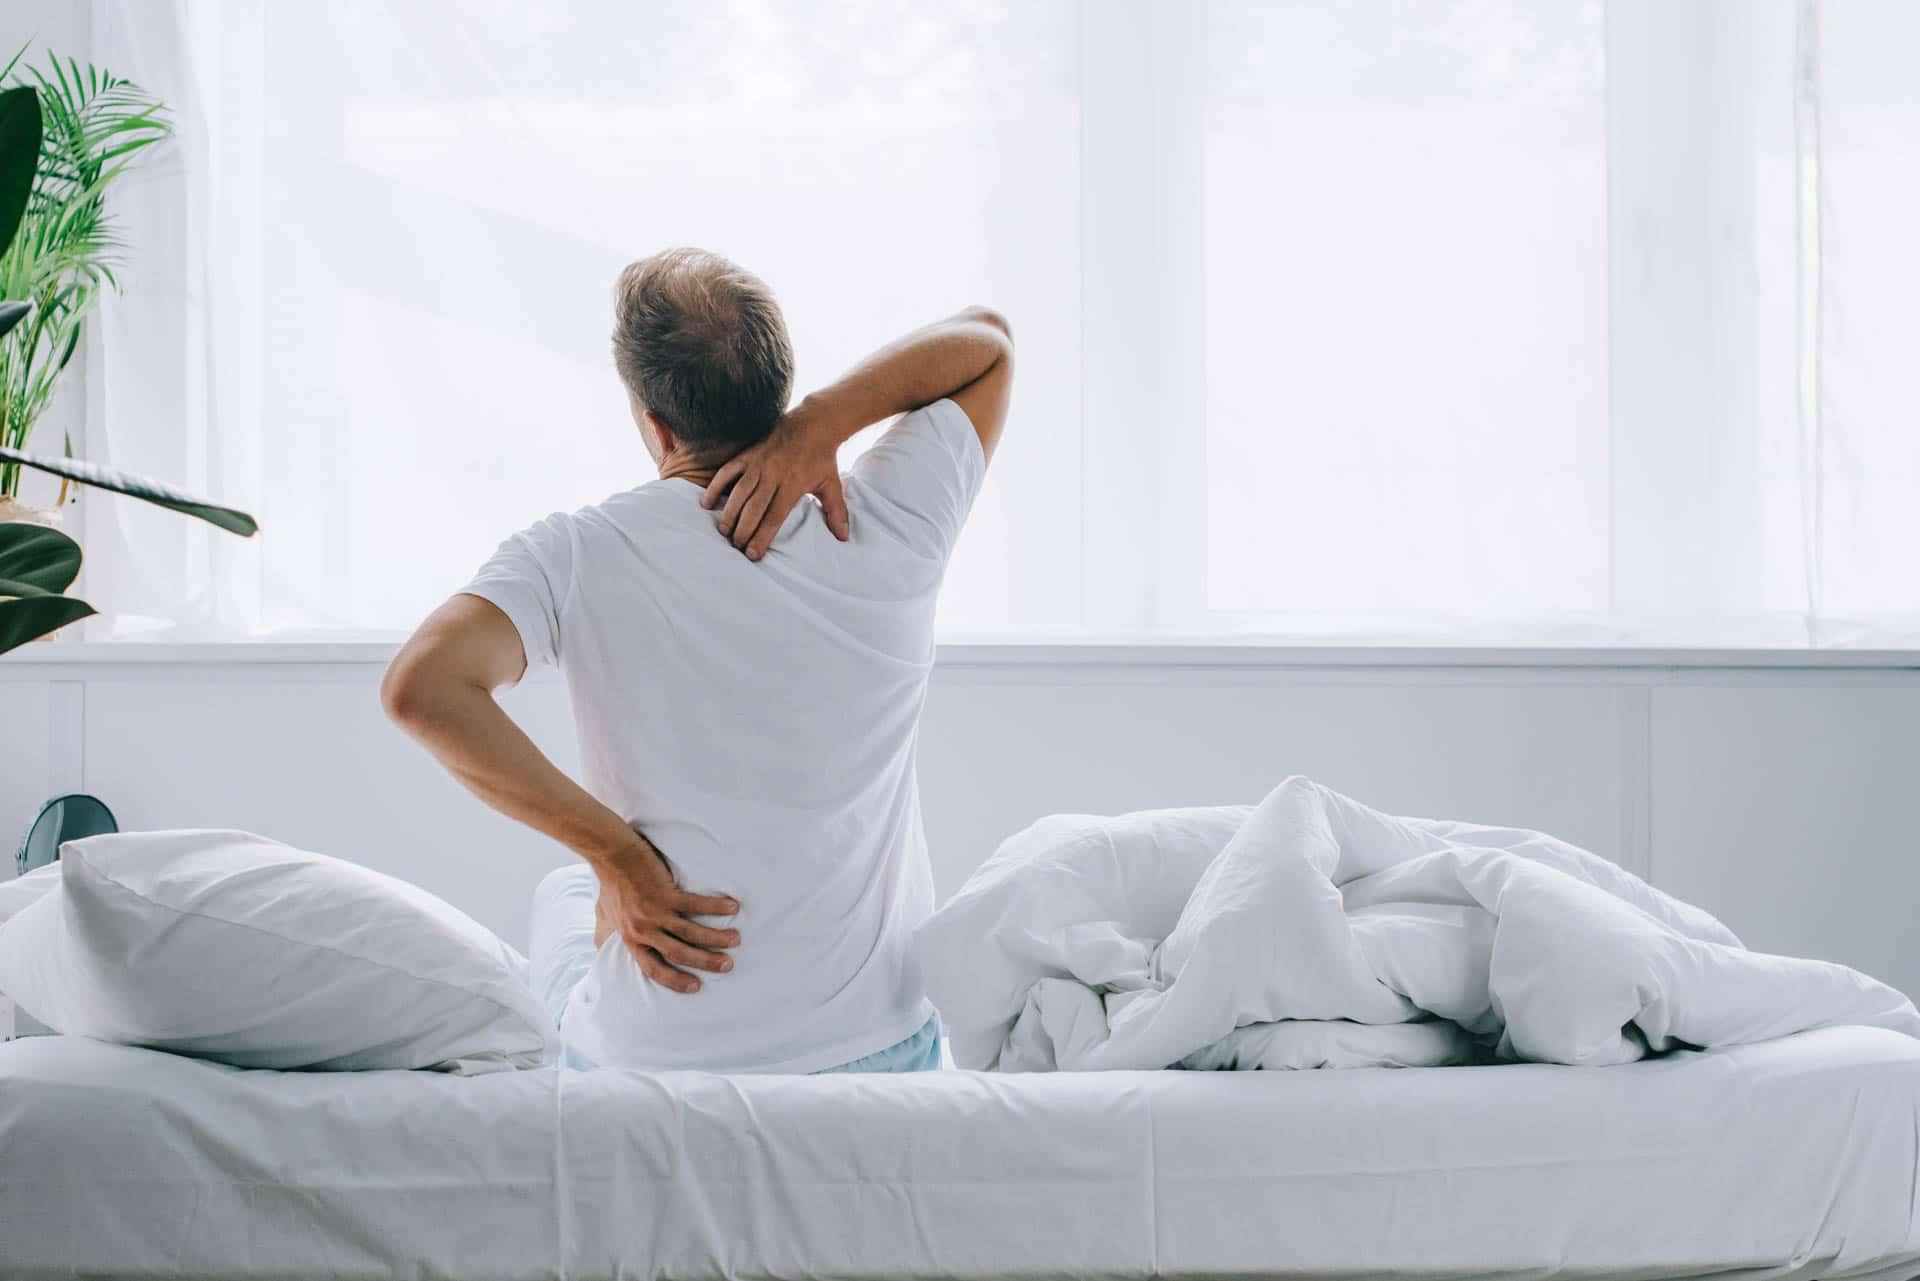 Mann im Bett mit Schmerzen im unteren Rücken